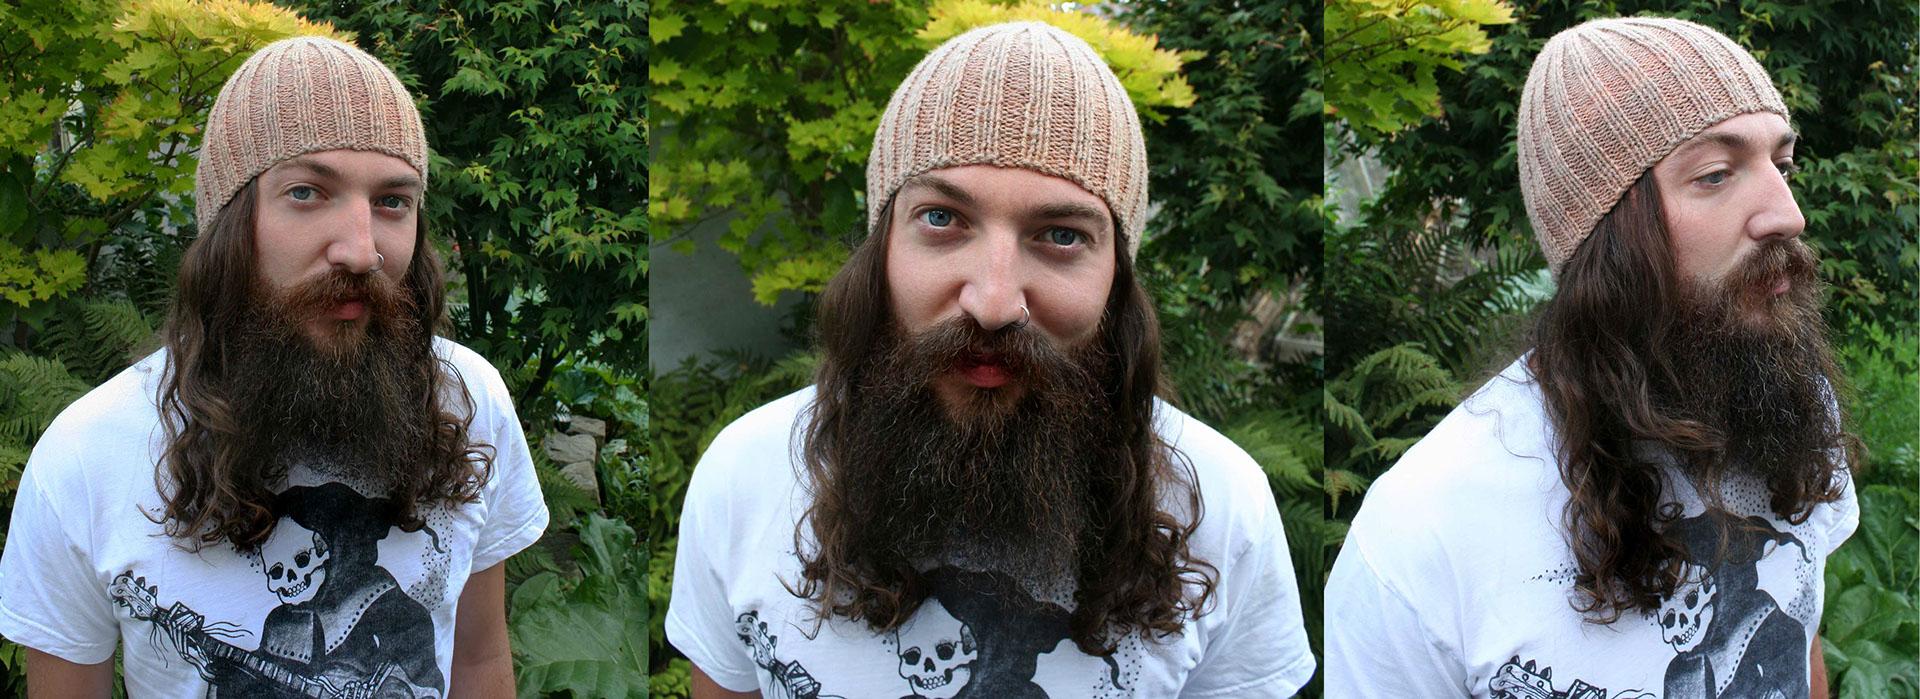 ManKnit Mens FREE Ribtastic Aran Beanie Hat Knitting Pattern